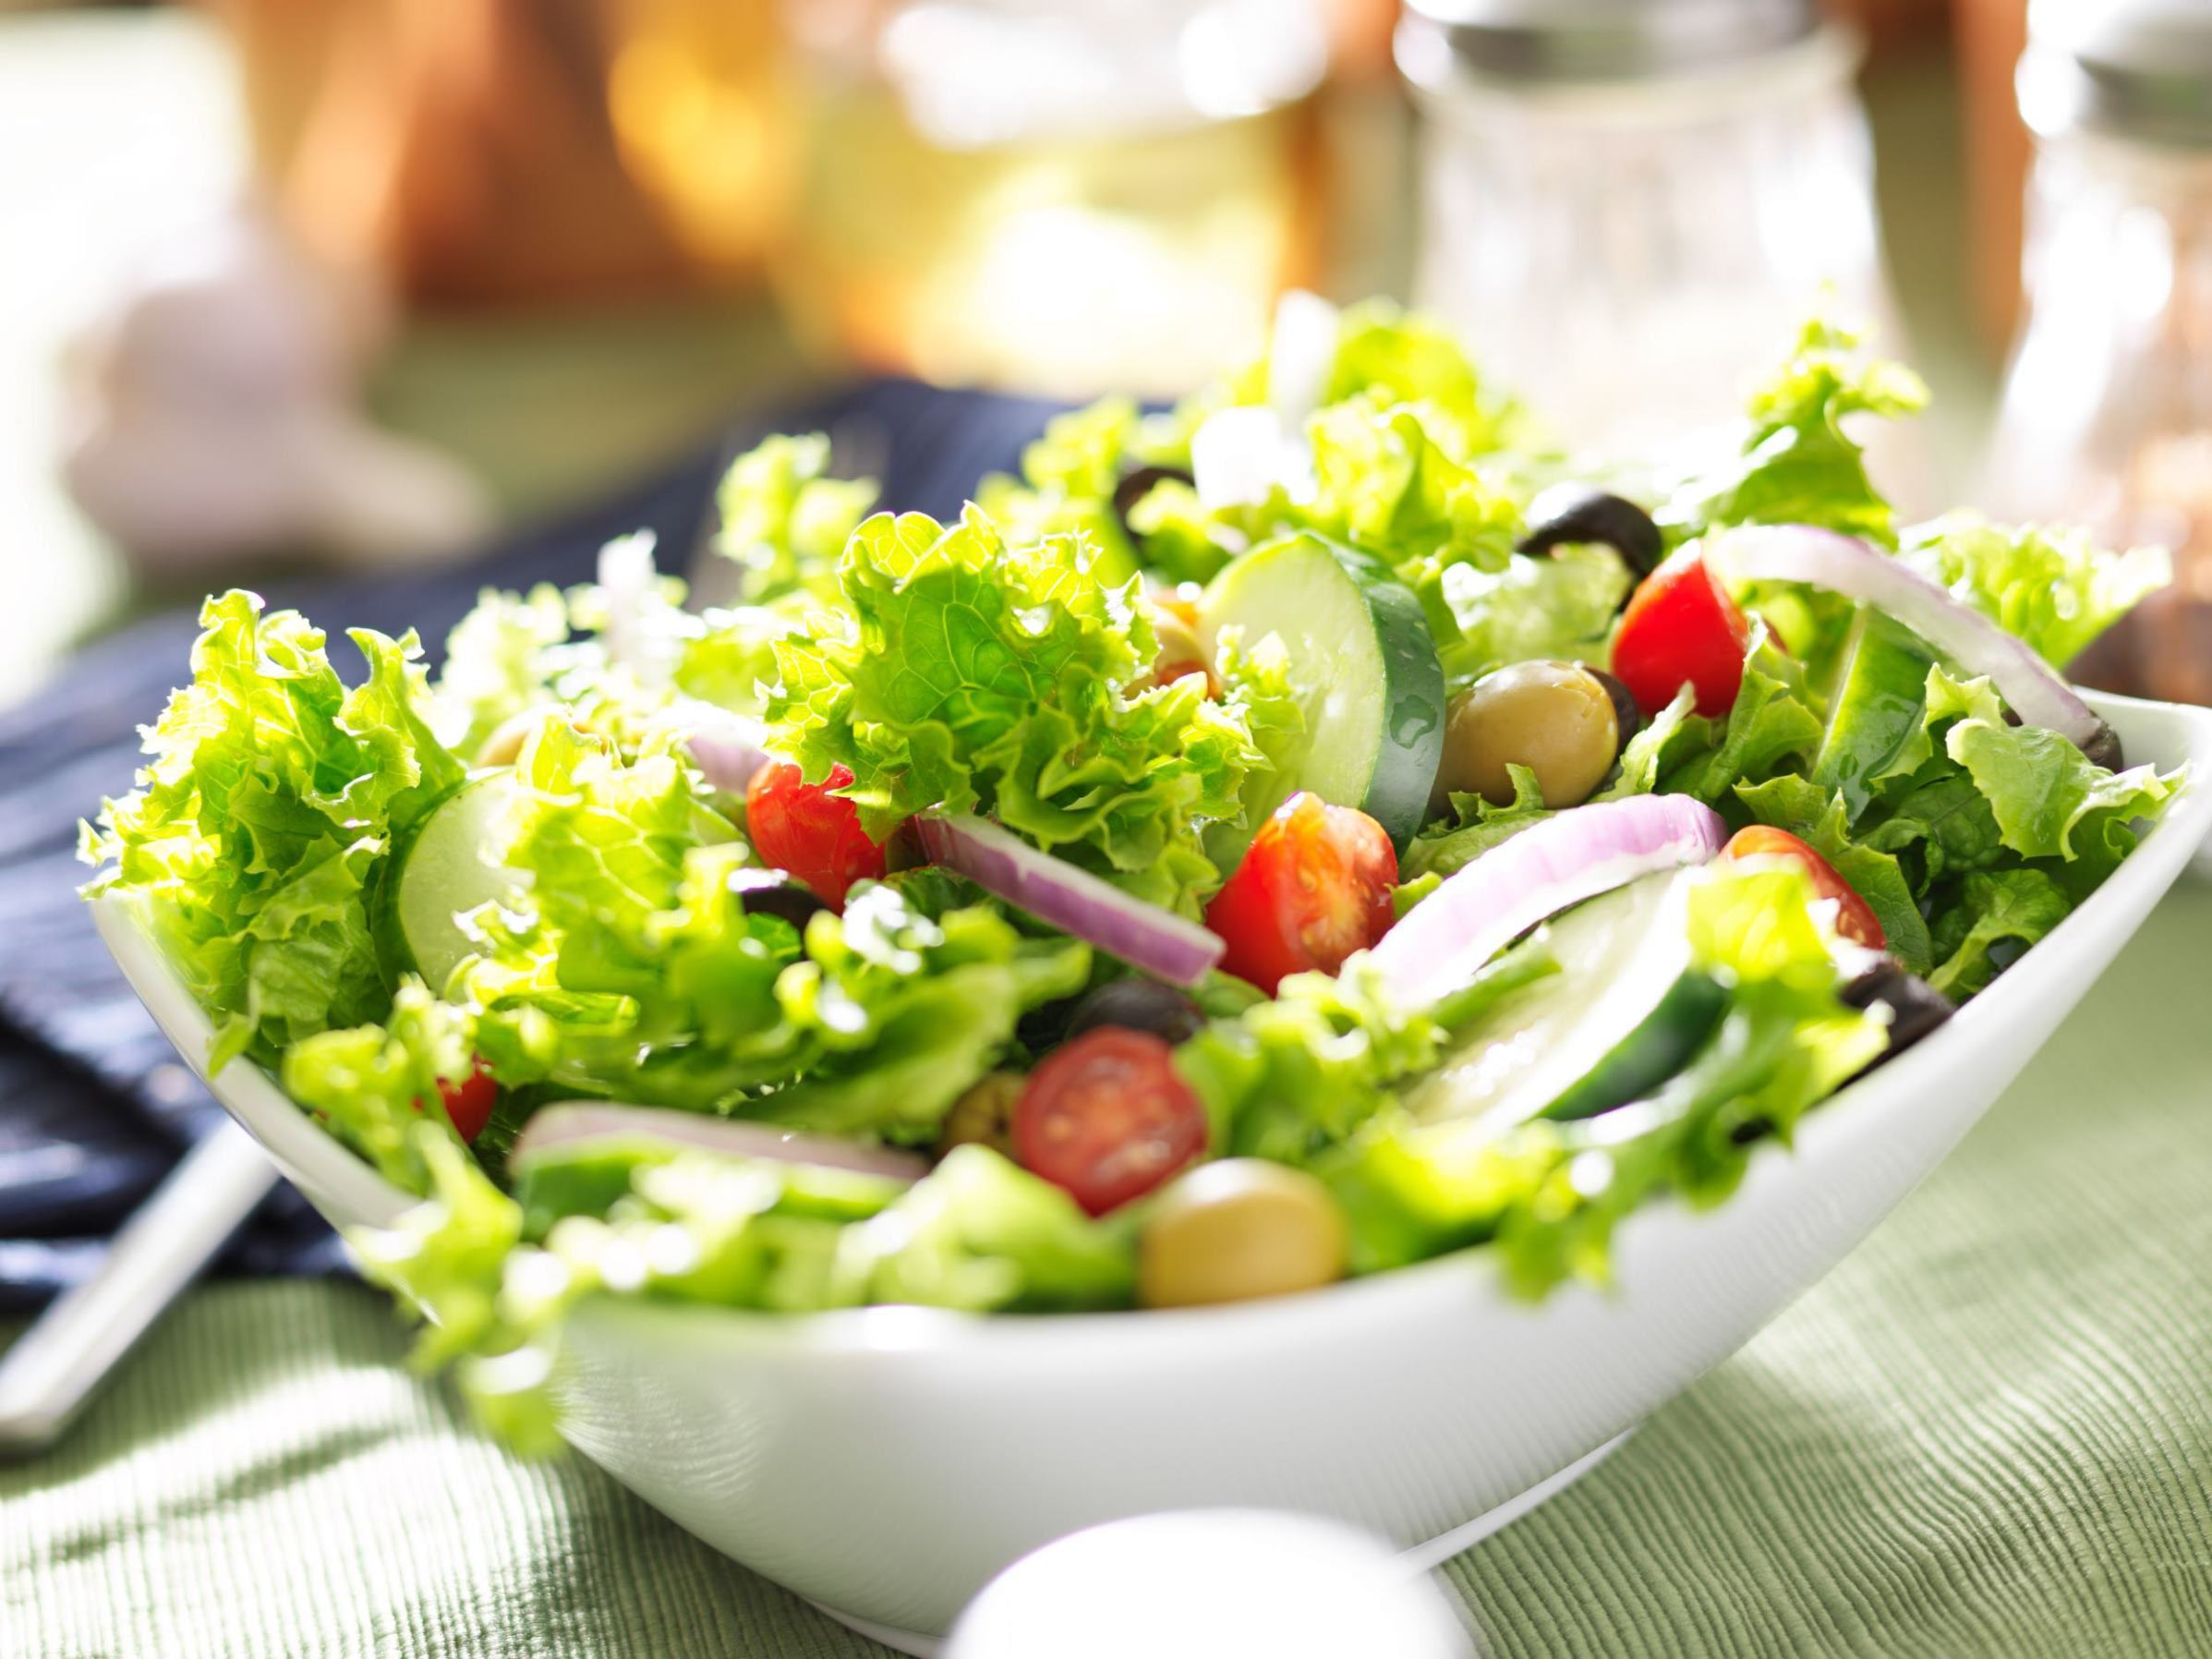 Rau xanh là thực phẩm tốt cho mắt hàng đầu